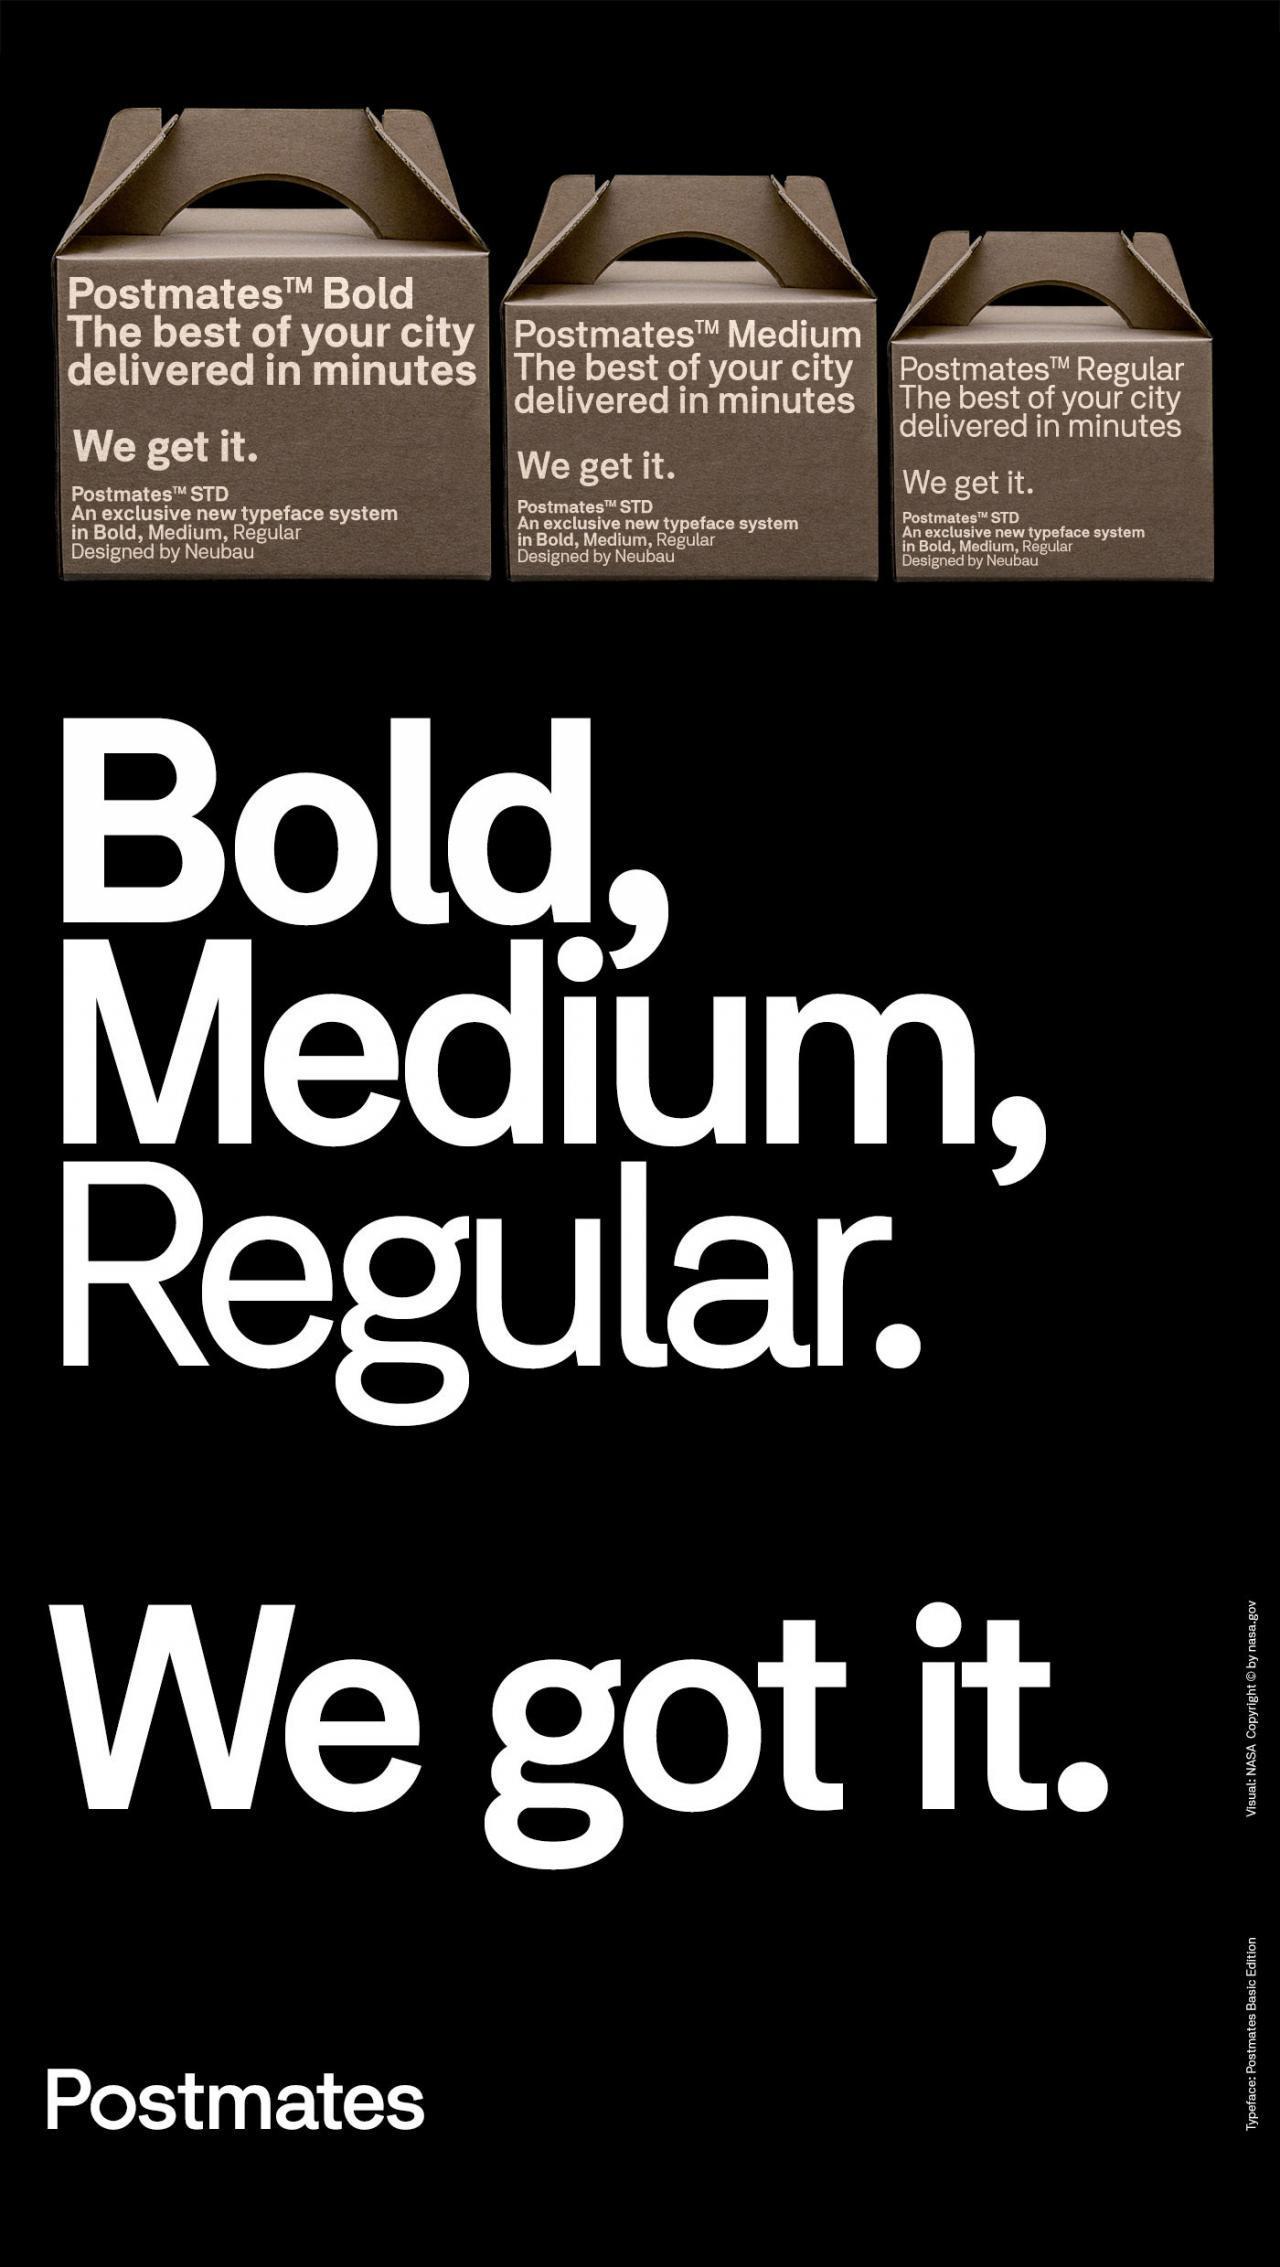 美国物流公司Postmates品牌标识设计- 设计森林PlanForest